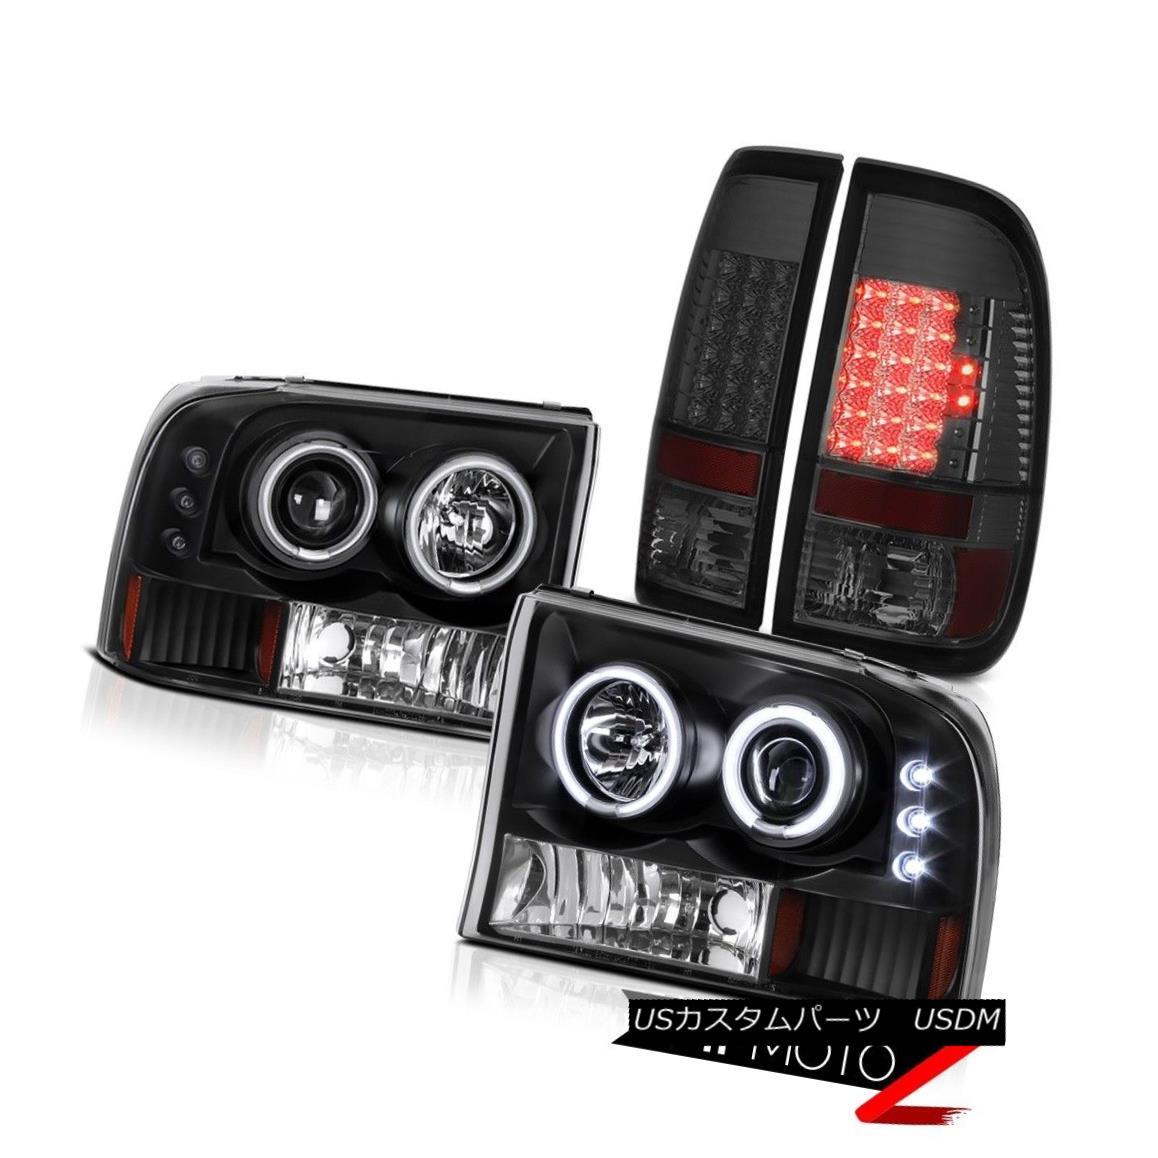 テールライト Black CCFL Halo Headlights Smoke LED Tail Lamps 1999-2004 Ford F-350 King Ranch ブラックCCFLハローヘッドライト煙ランプテールランプ1999-2004フォードF-350キングランチ